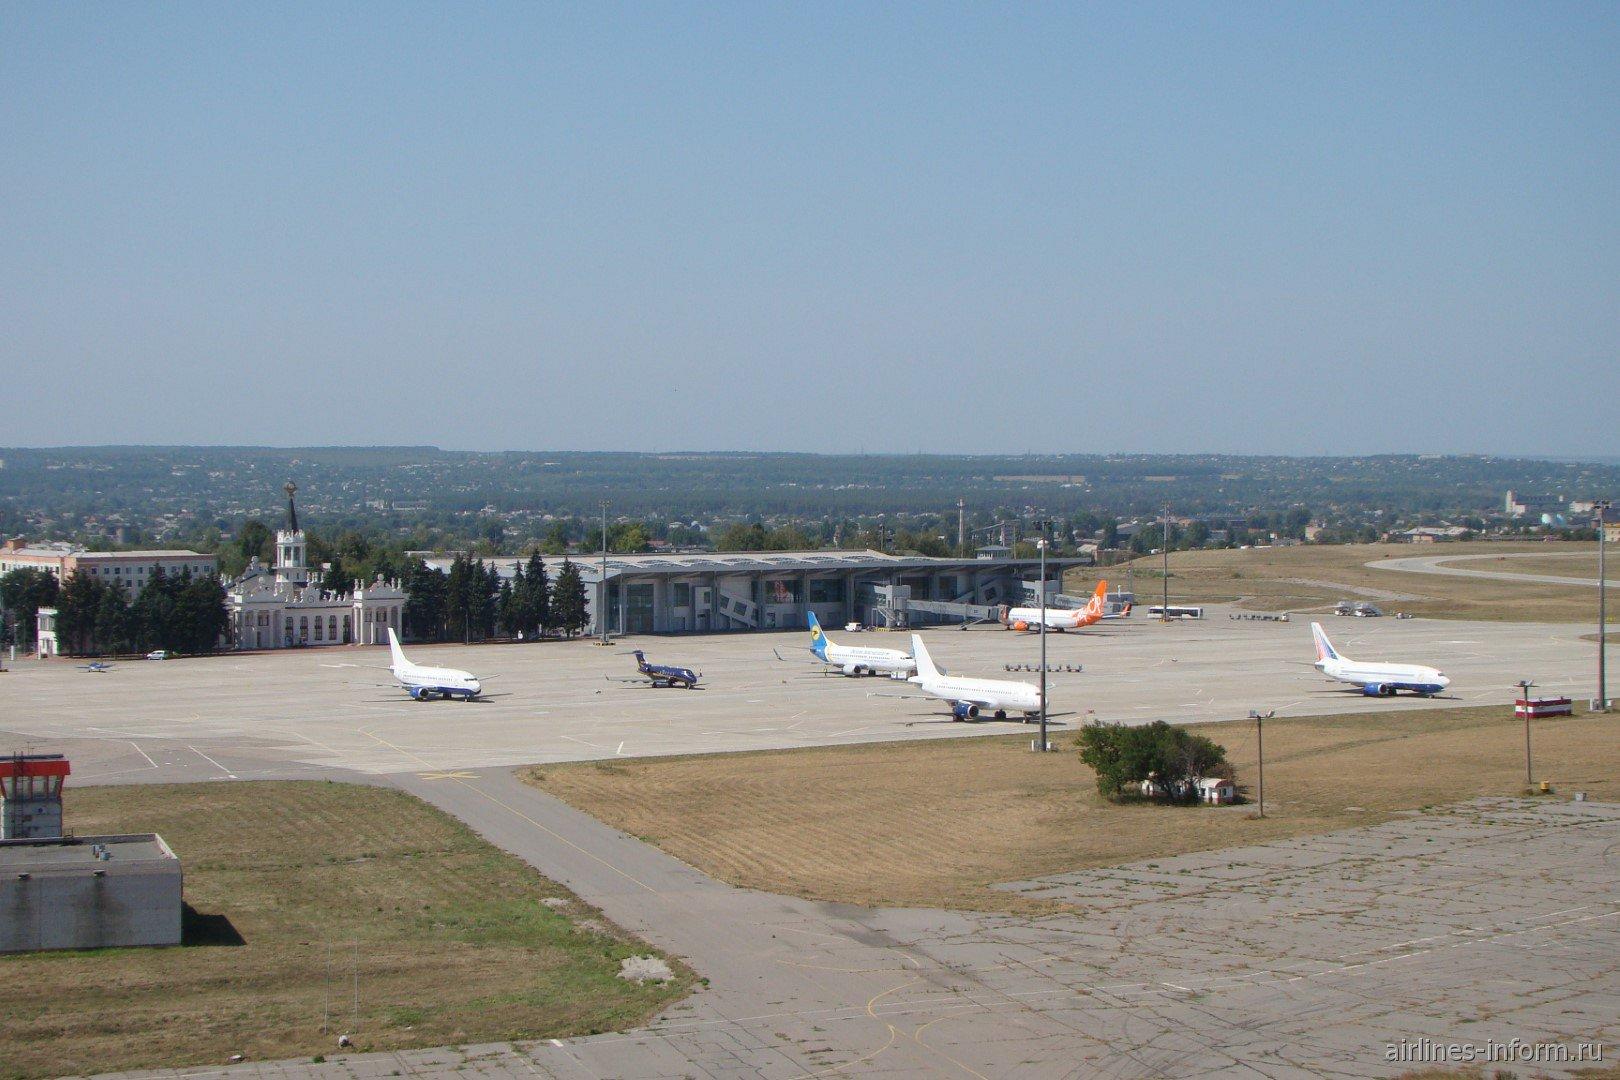 Перрон аэропорта Харьков